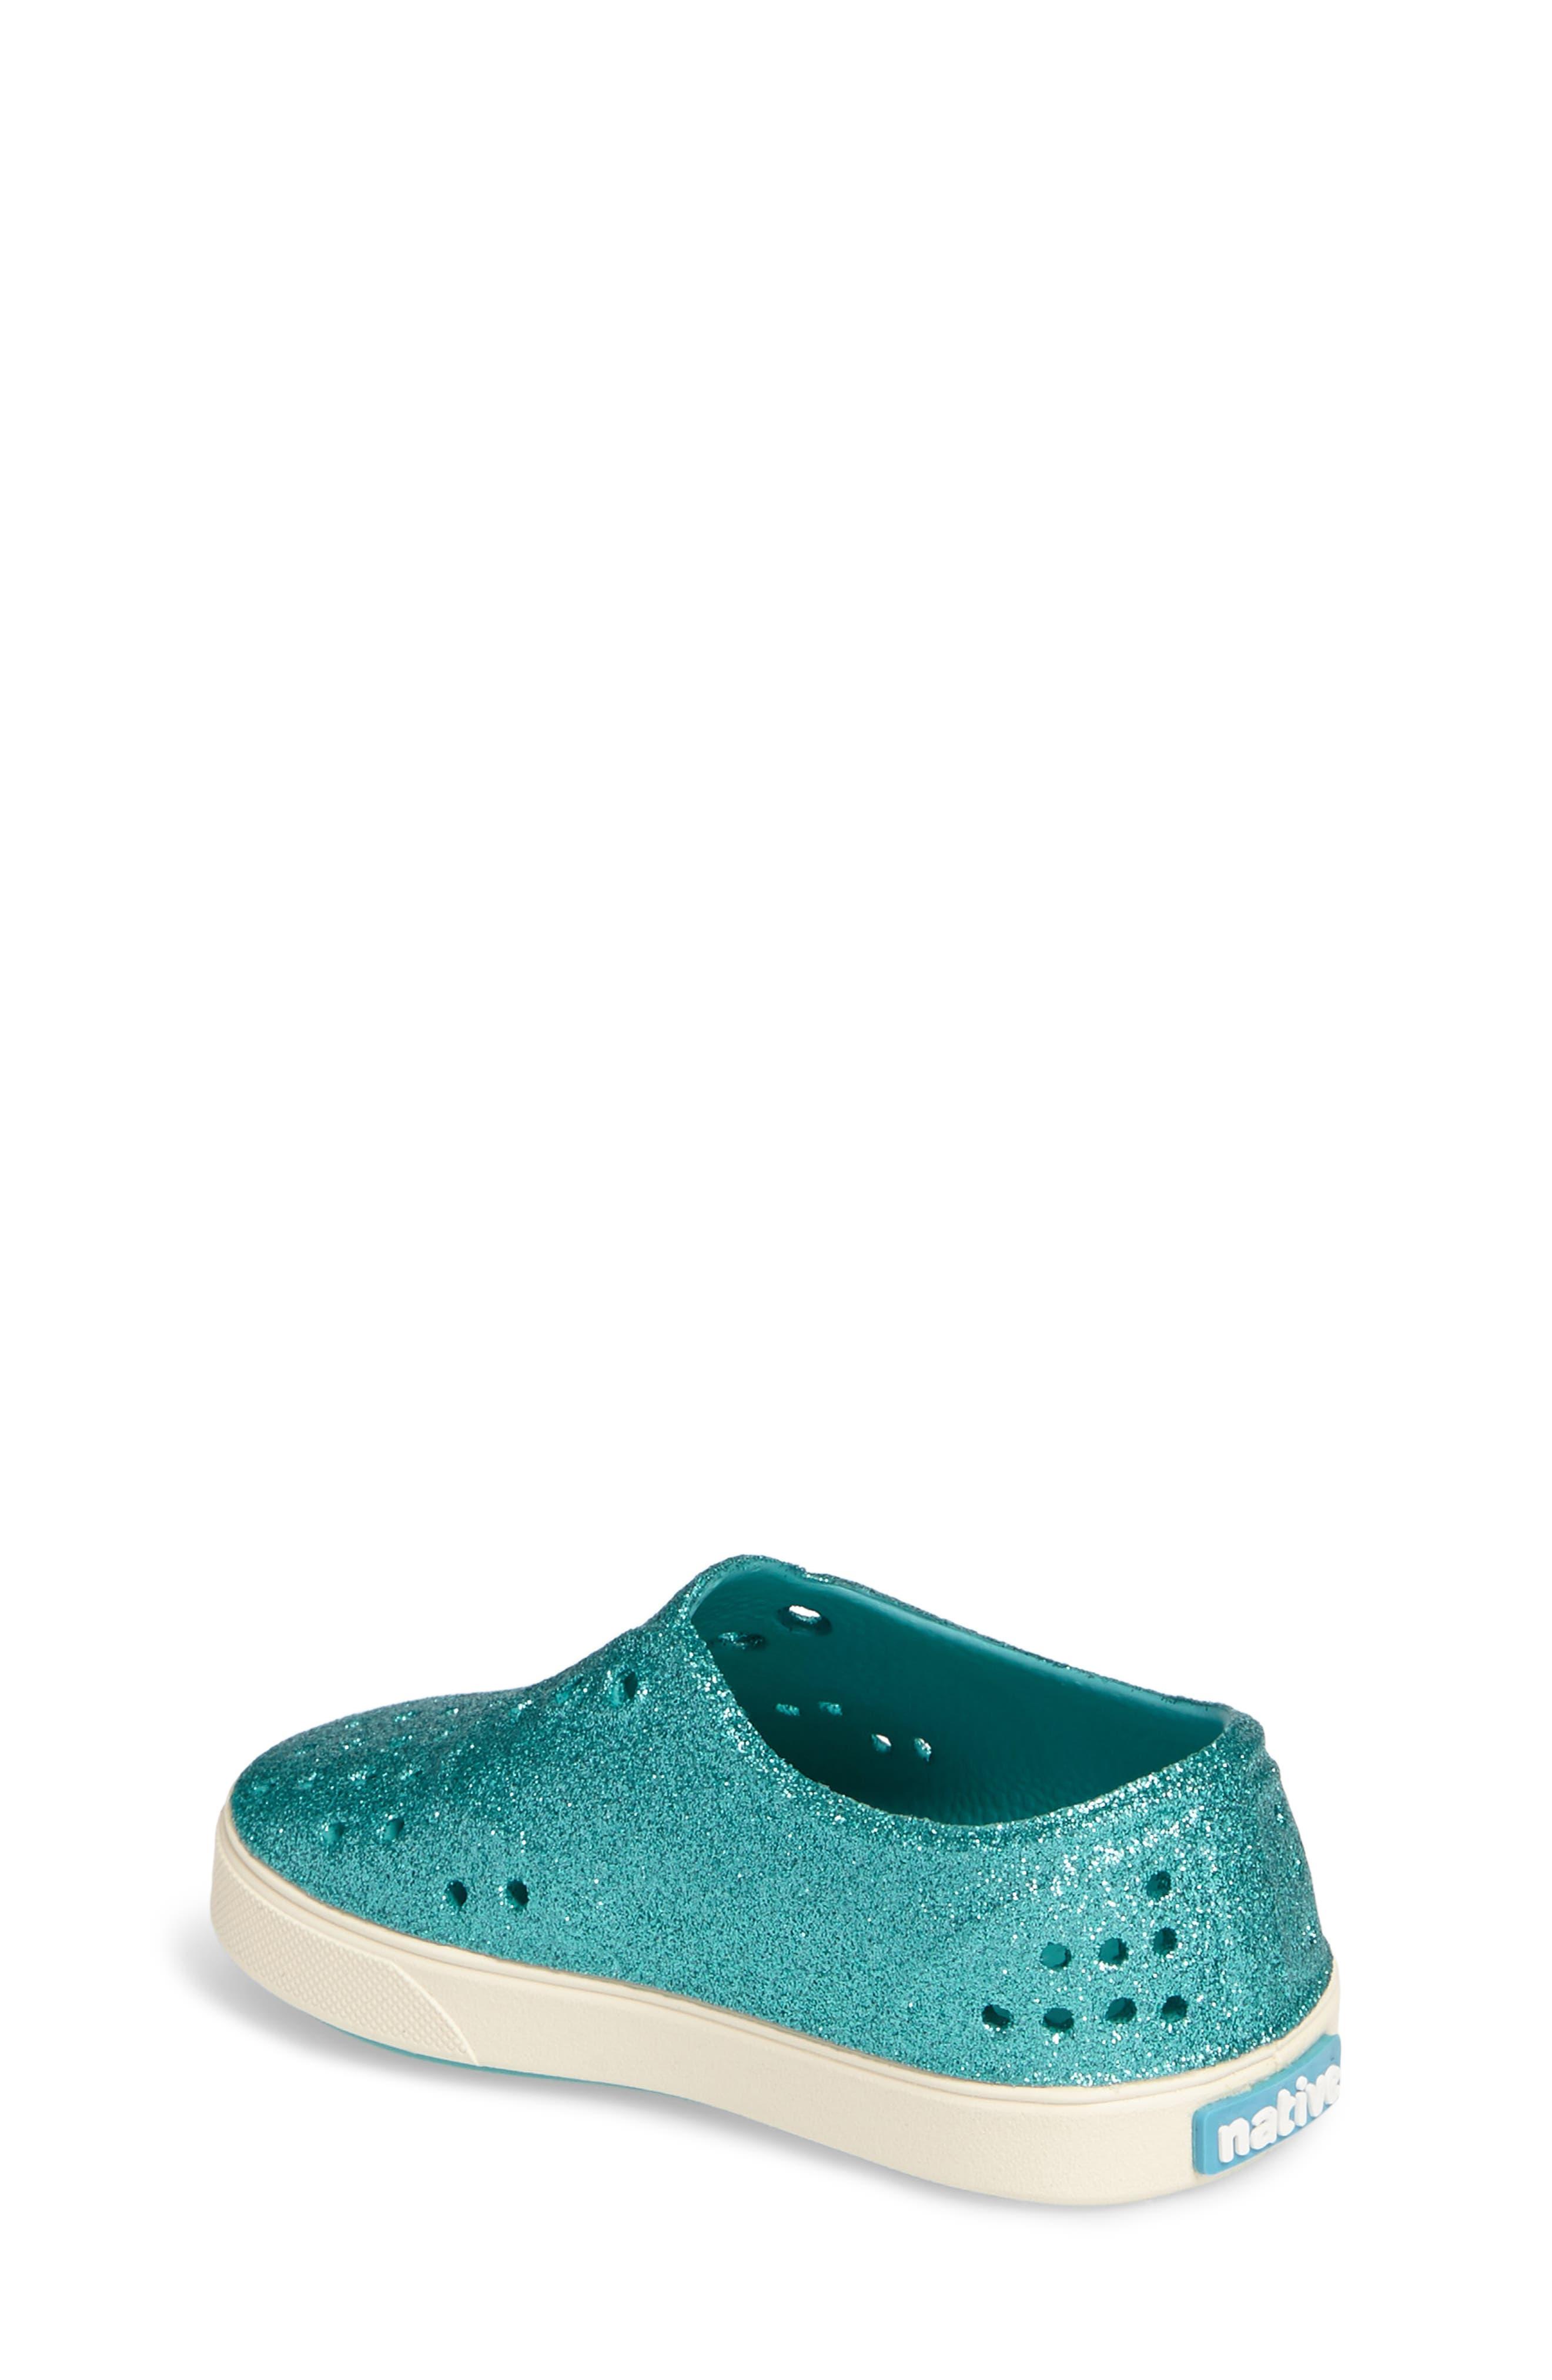 Alternate Image 2  - Native Shoes Miller Sparkly Perforated Slip-On (Walker, Toddler & Little Kid)